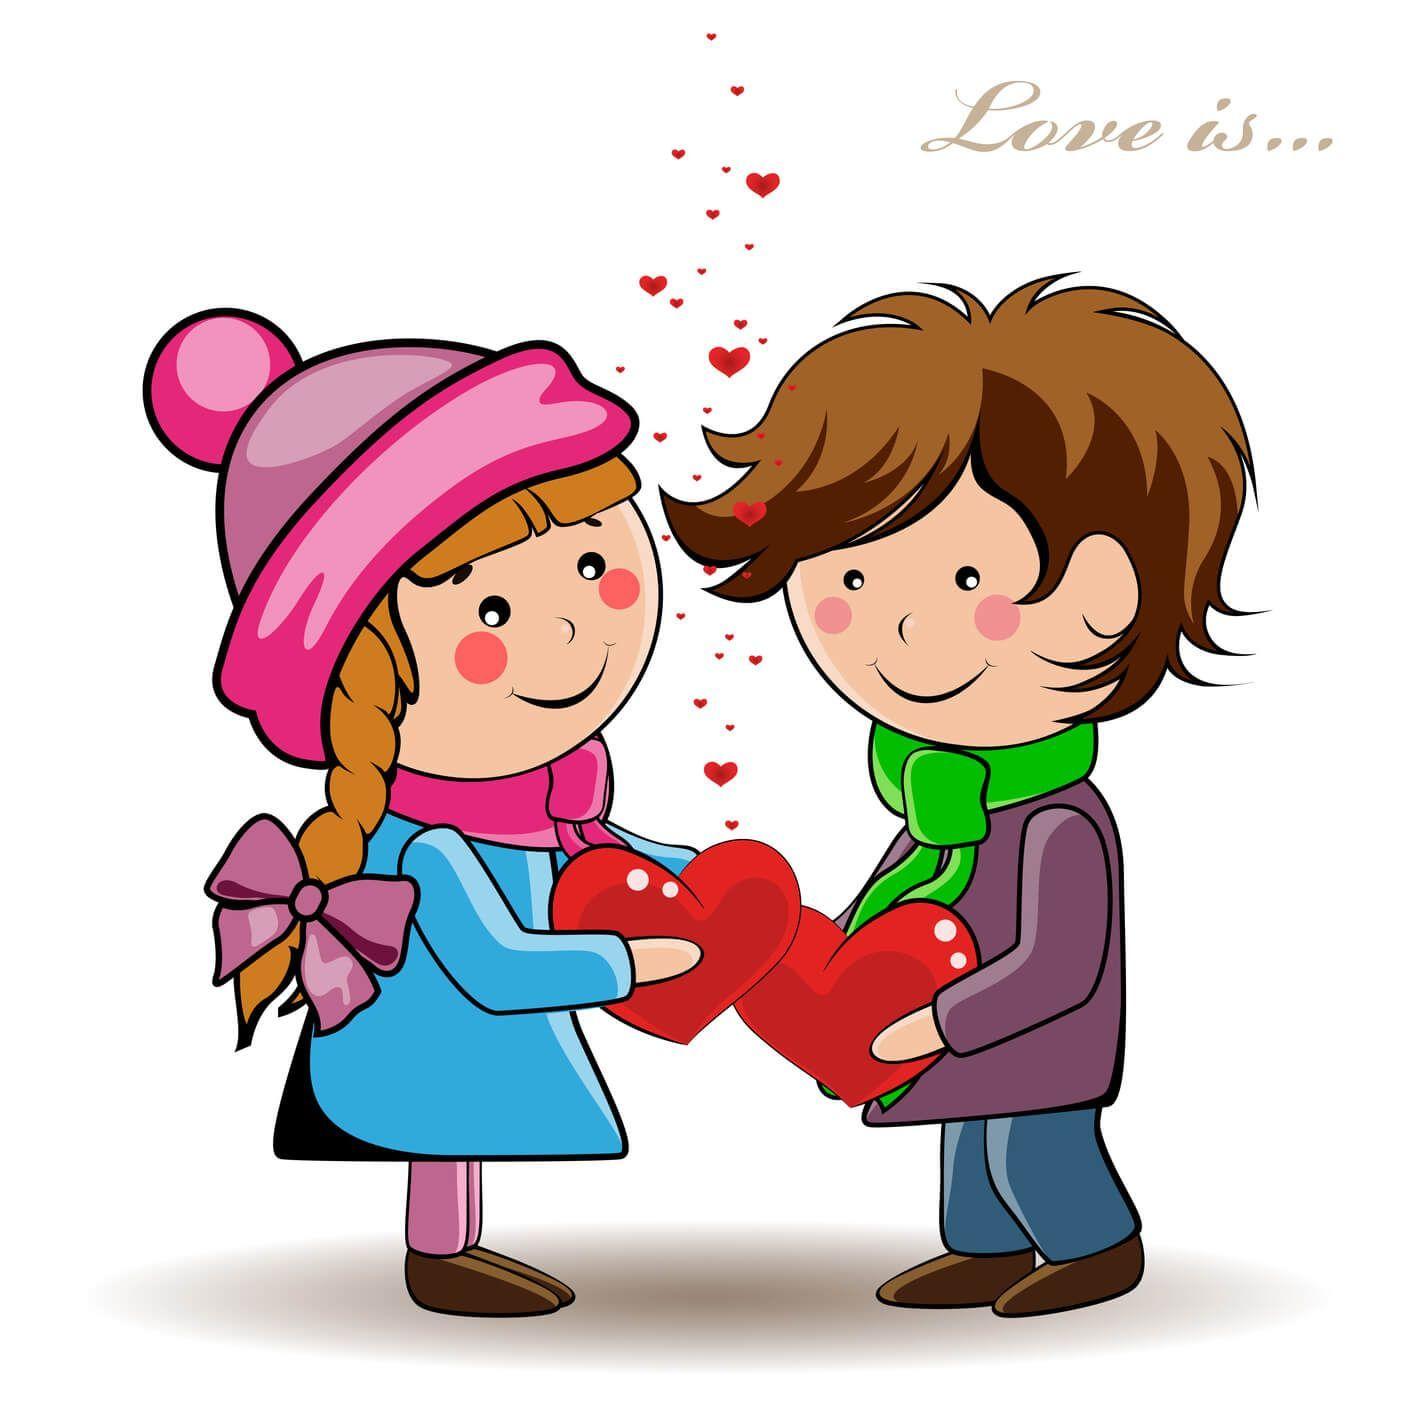 Imagenes Con Corazones Para Enviar El Dia Del Amor Y La Amistad Dibujos De Amor Imagenes De Amor Dia Del Amor